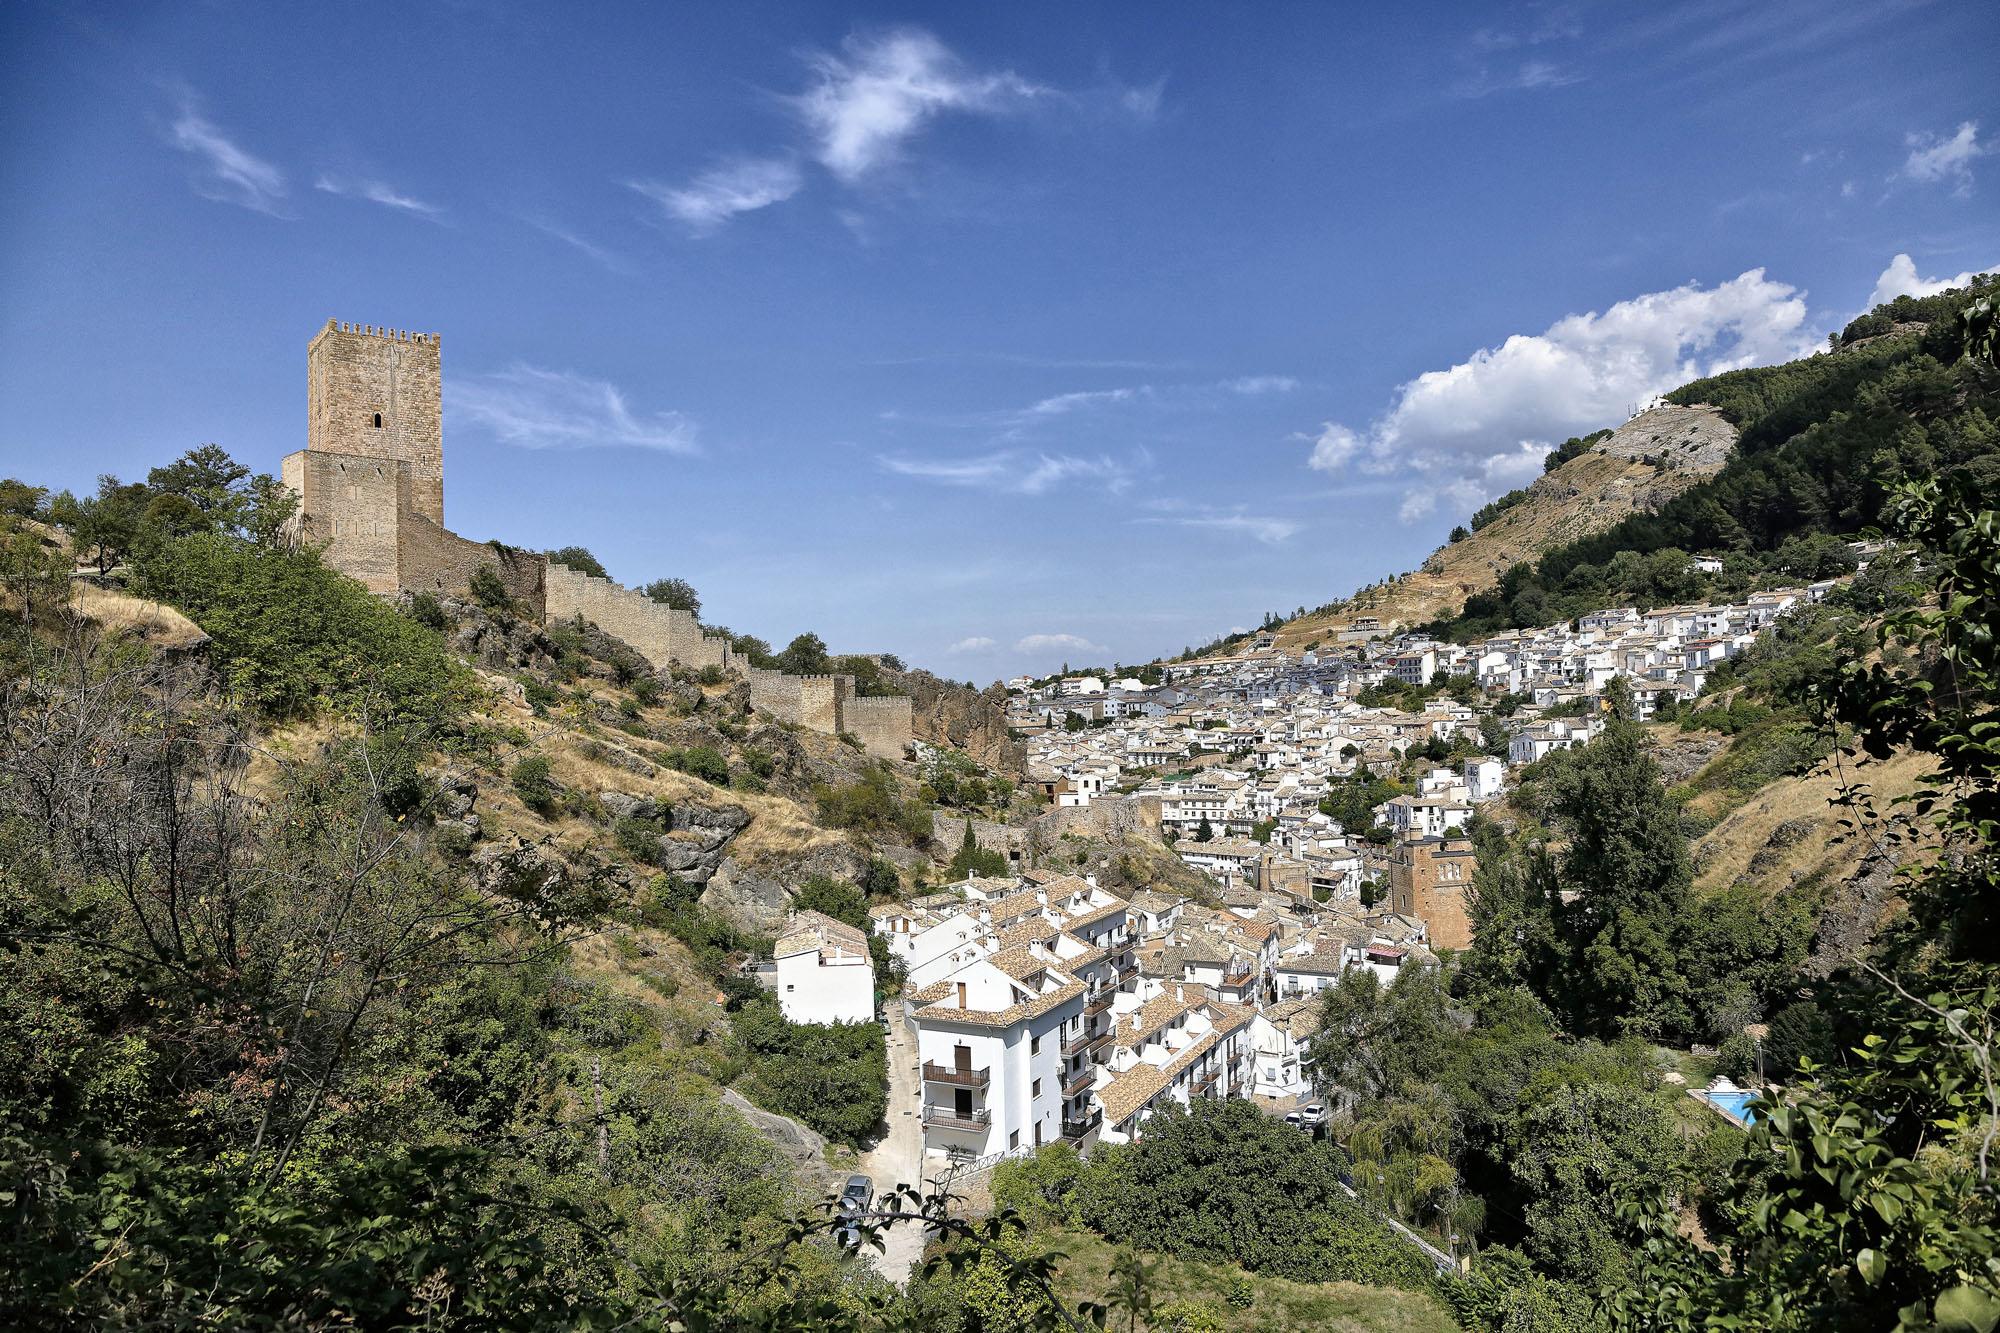 Las vistas del castillo desde la carretera que lleva hasta su puerta.